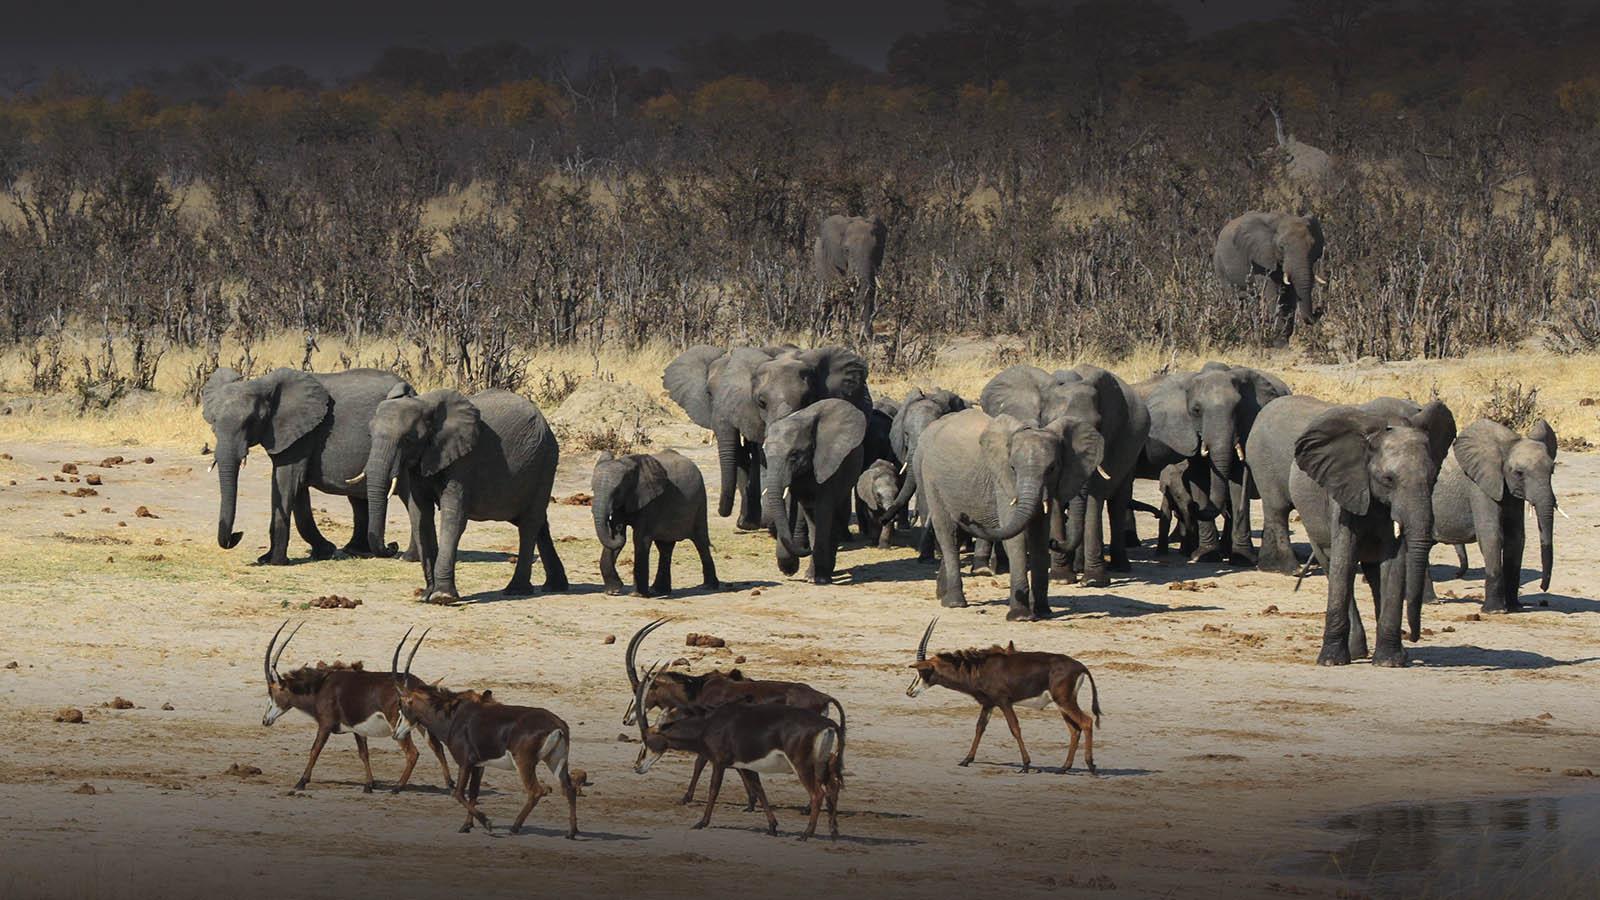 jozibanini camp hwange-national-park-zimbabwe-lodges-rustic-safaris-sable-elephant-herd